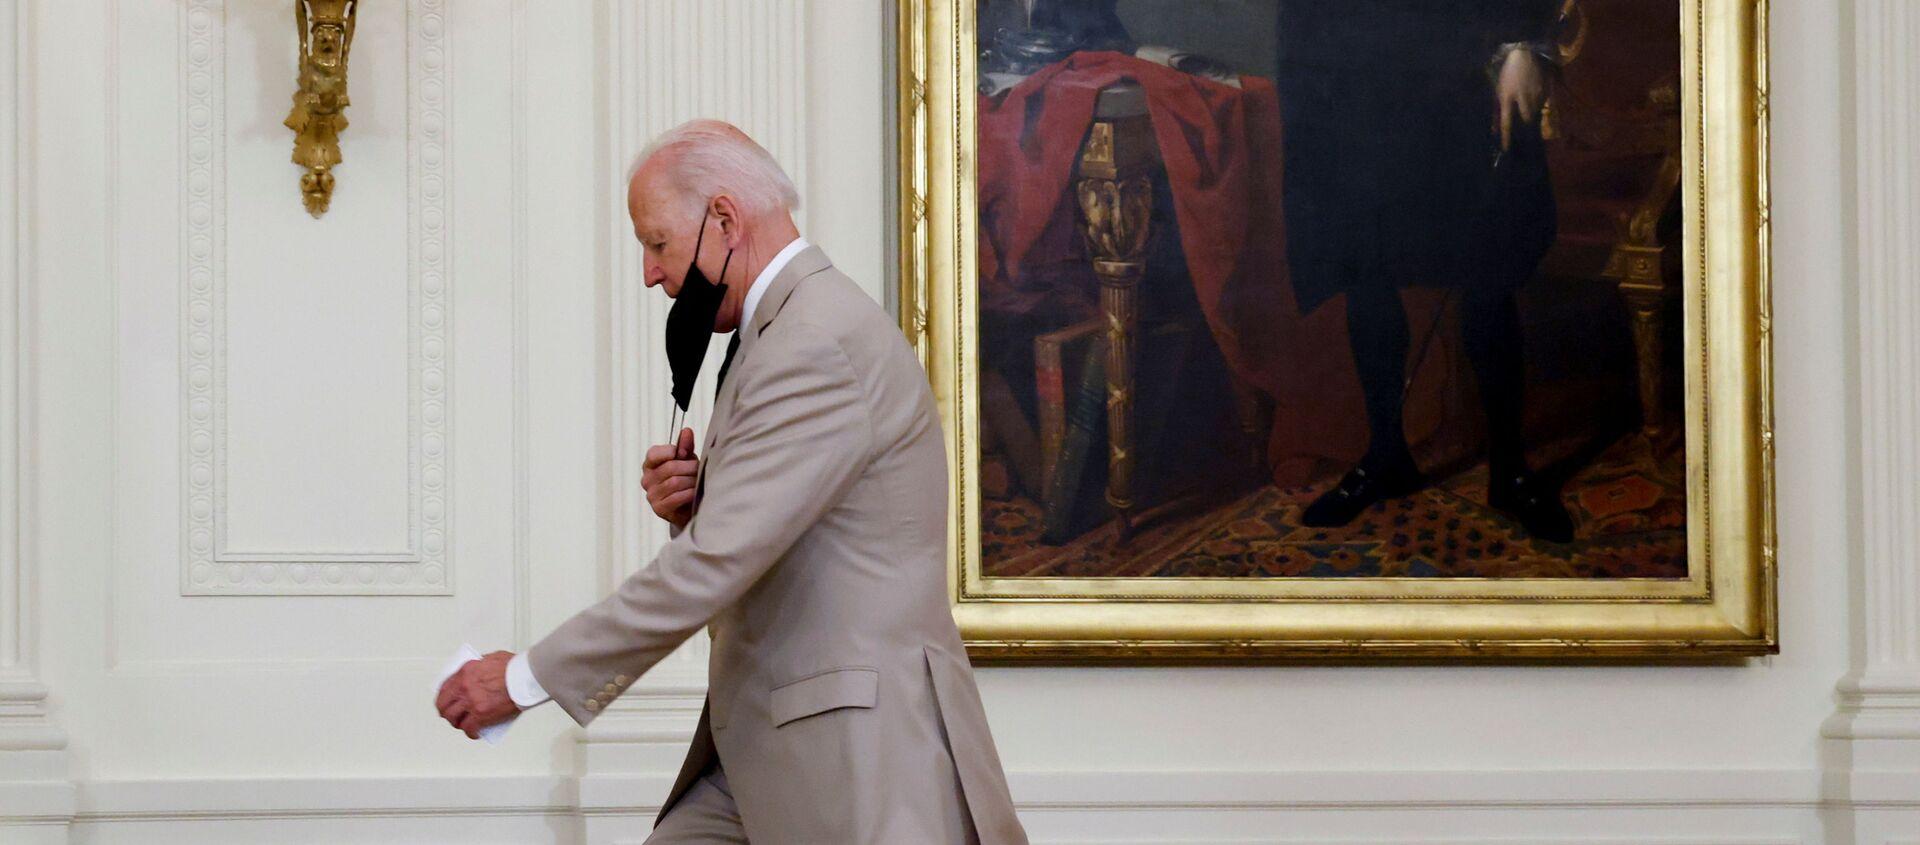 Tổng thống Hoa Kỳ Joe Biden đến để đưa ra nhận xét về số lượng việc làm tại Nhà Trắng ở Washington, Hoa Kỳ ngày 6 tháng 8 năm 2021. REUTERS / Jonathan Ernst - Sputnik Việt Nam, 1920, 08.08.2021